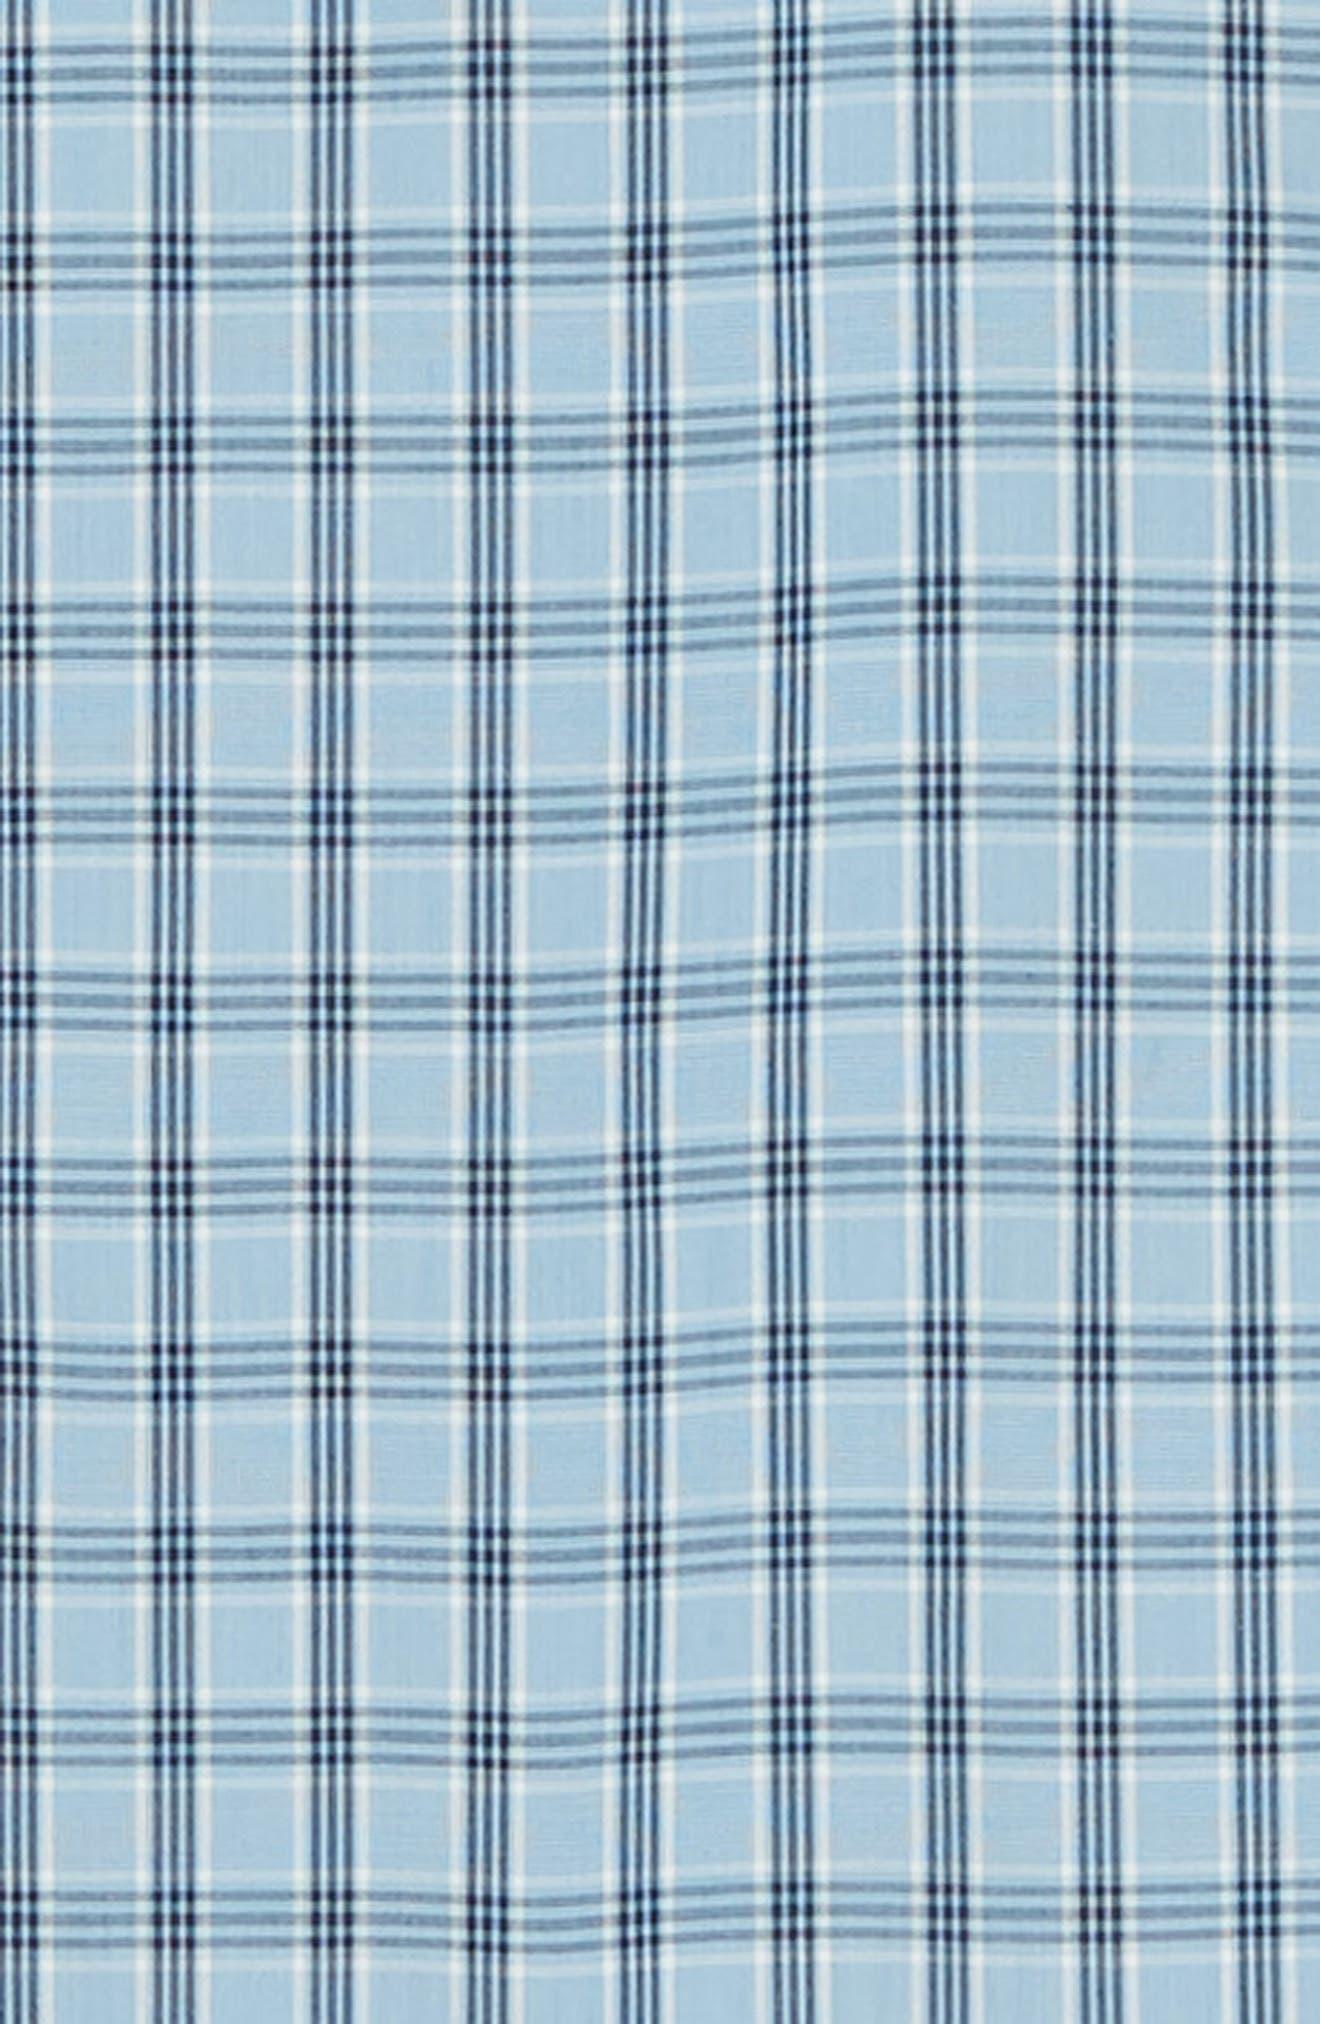 Tech-Smart Slim Fit Plaid Sport Shirt,                             Alternate thumbnail 6, color,                             BLUE HEAVEN HEATHER CHECK